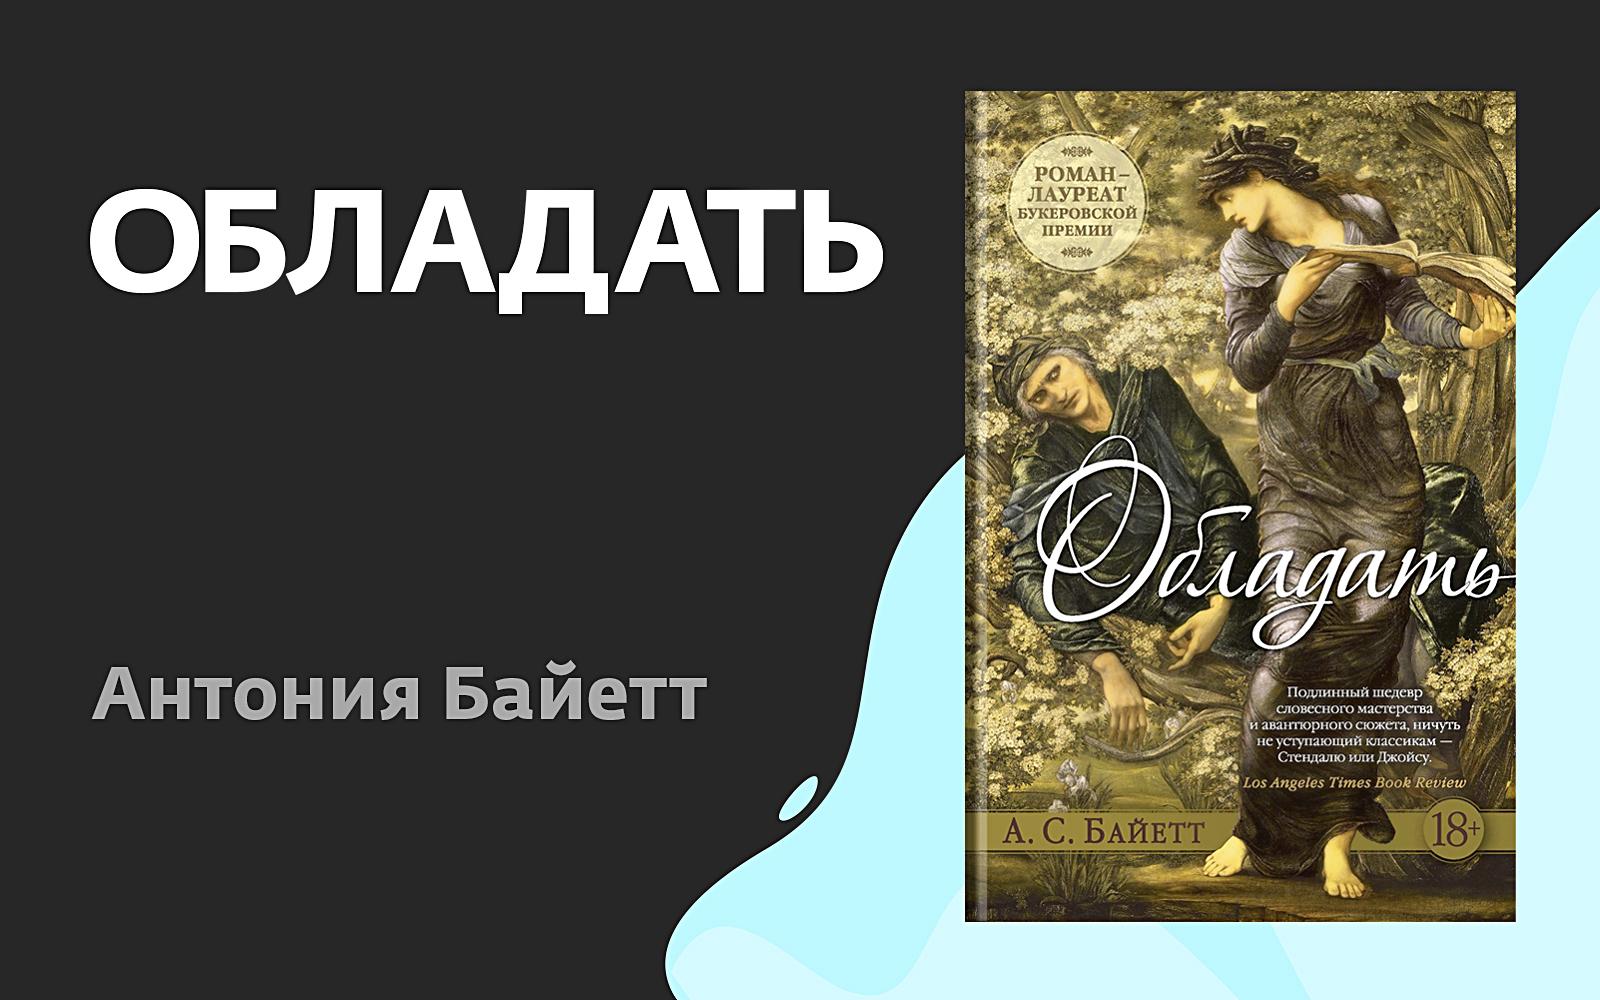 РЕЦЕНЗИЯ ЧИТАТЕЛЯ: Роман «Обладать», Букеровская премия. Антония Байетт